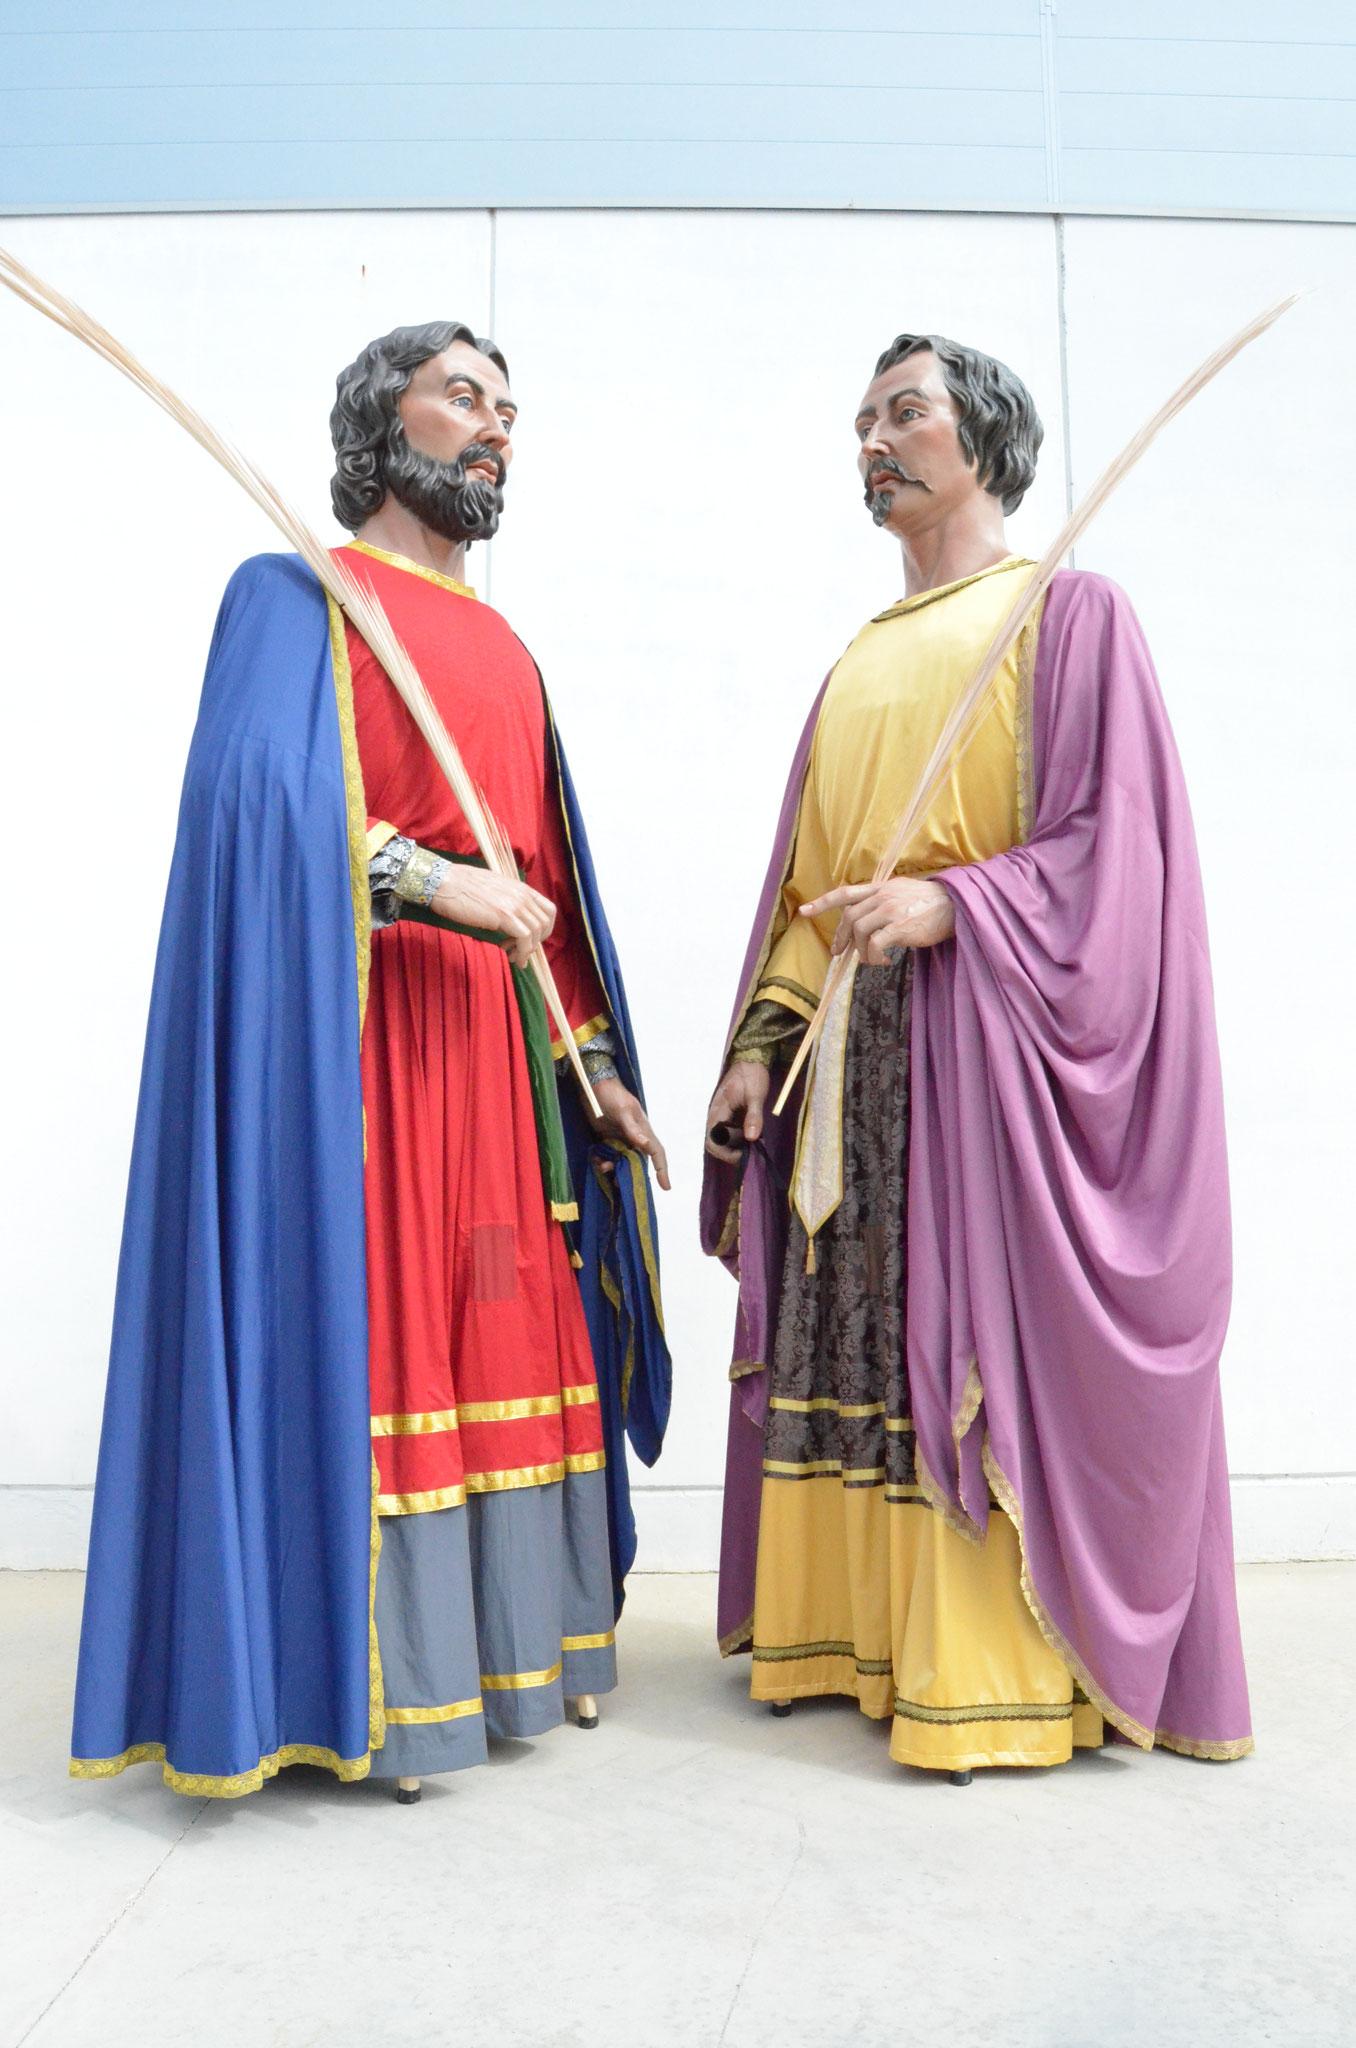 Aureolas Gigantes parròquia de sant cosme i sant damià - página web de